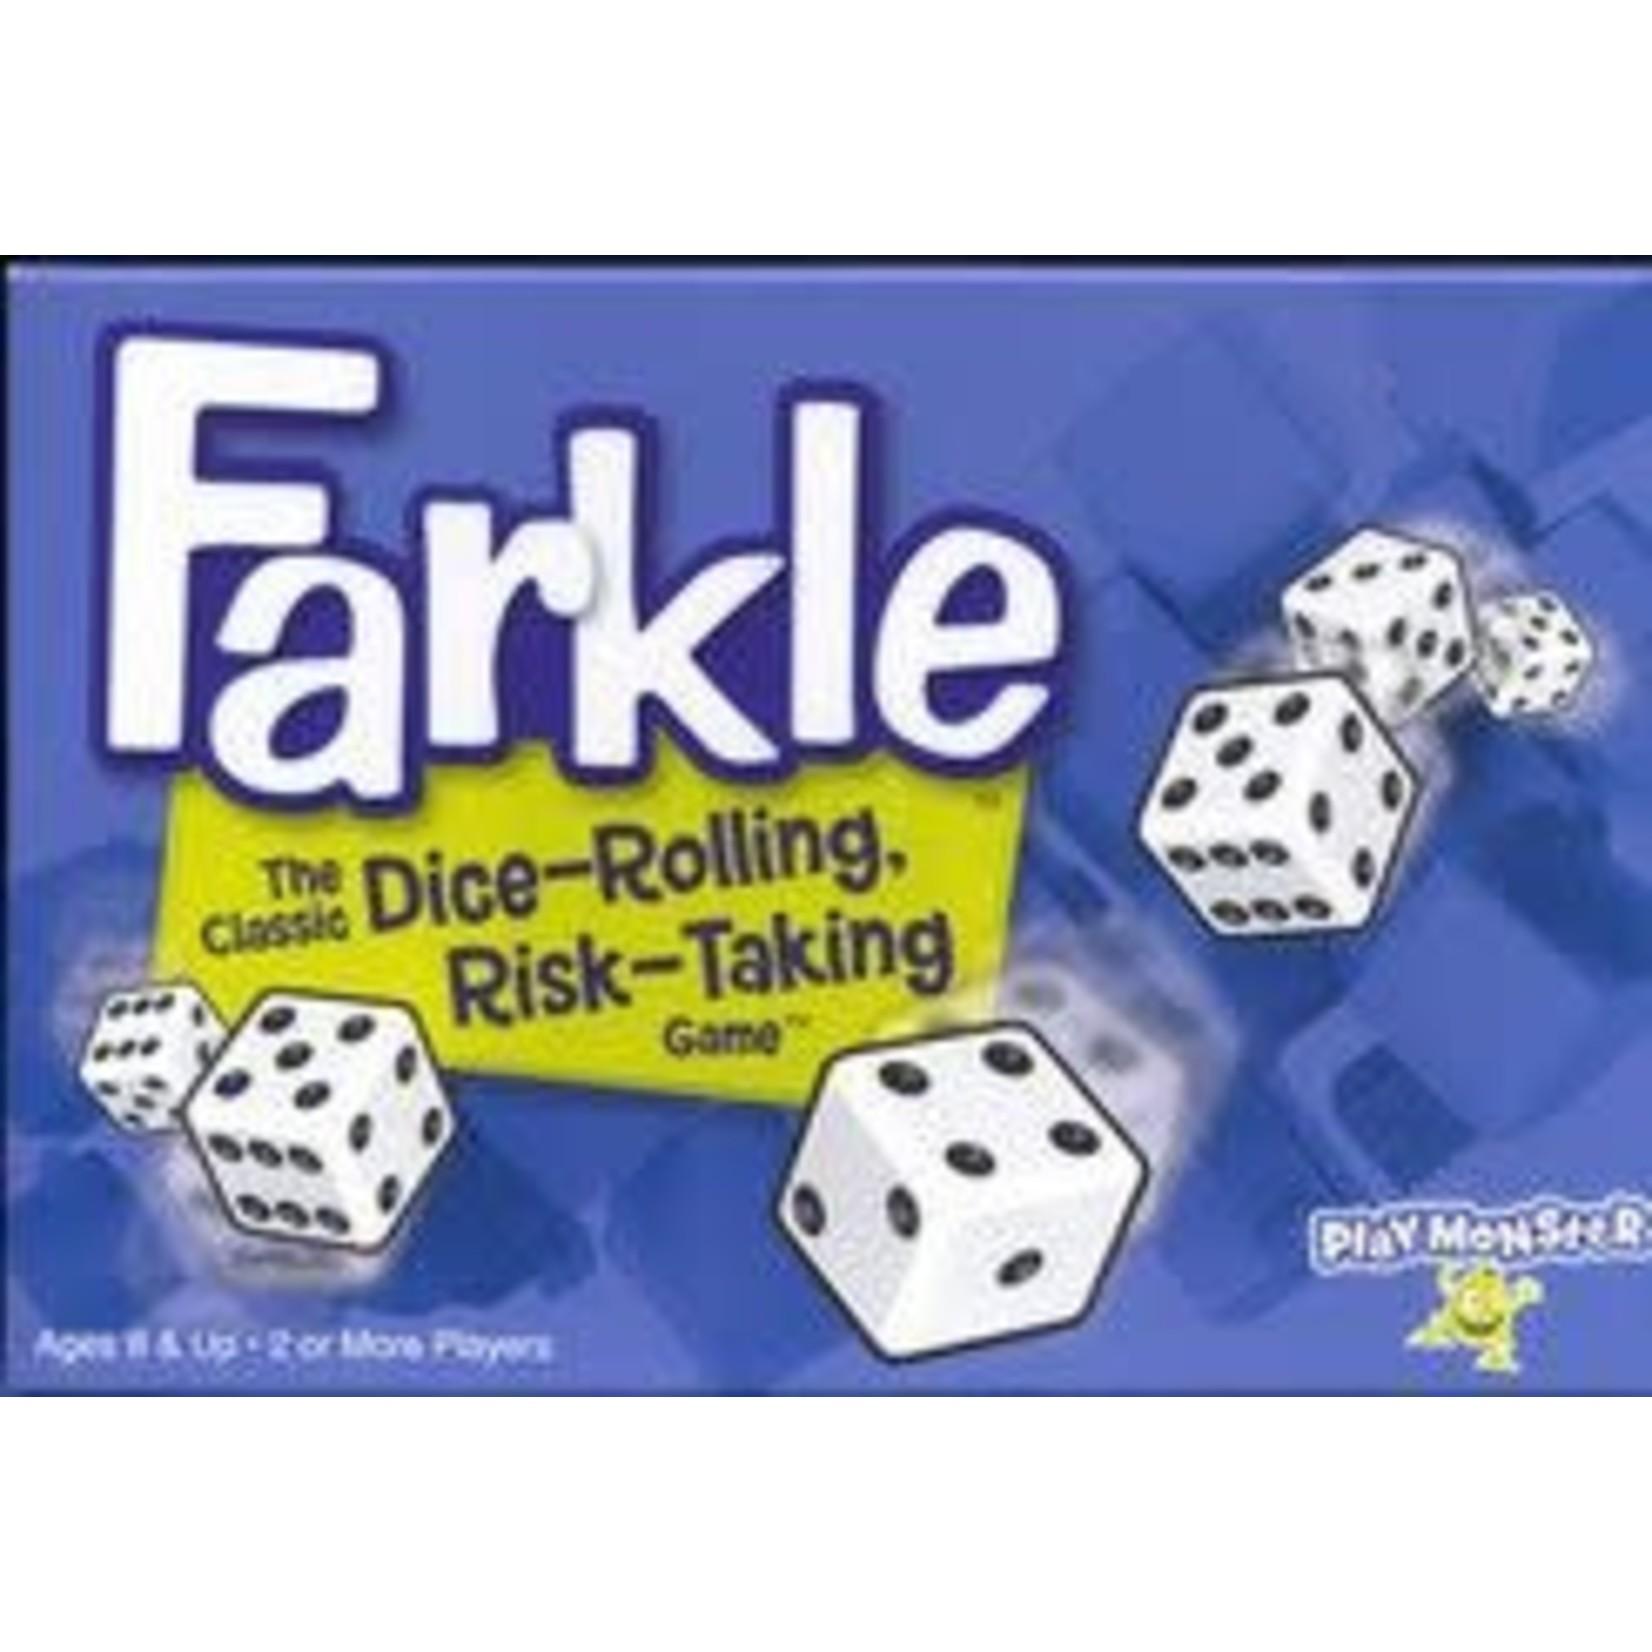 Play Monster Farkle Box